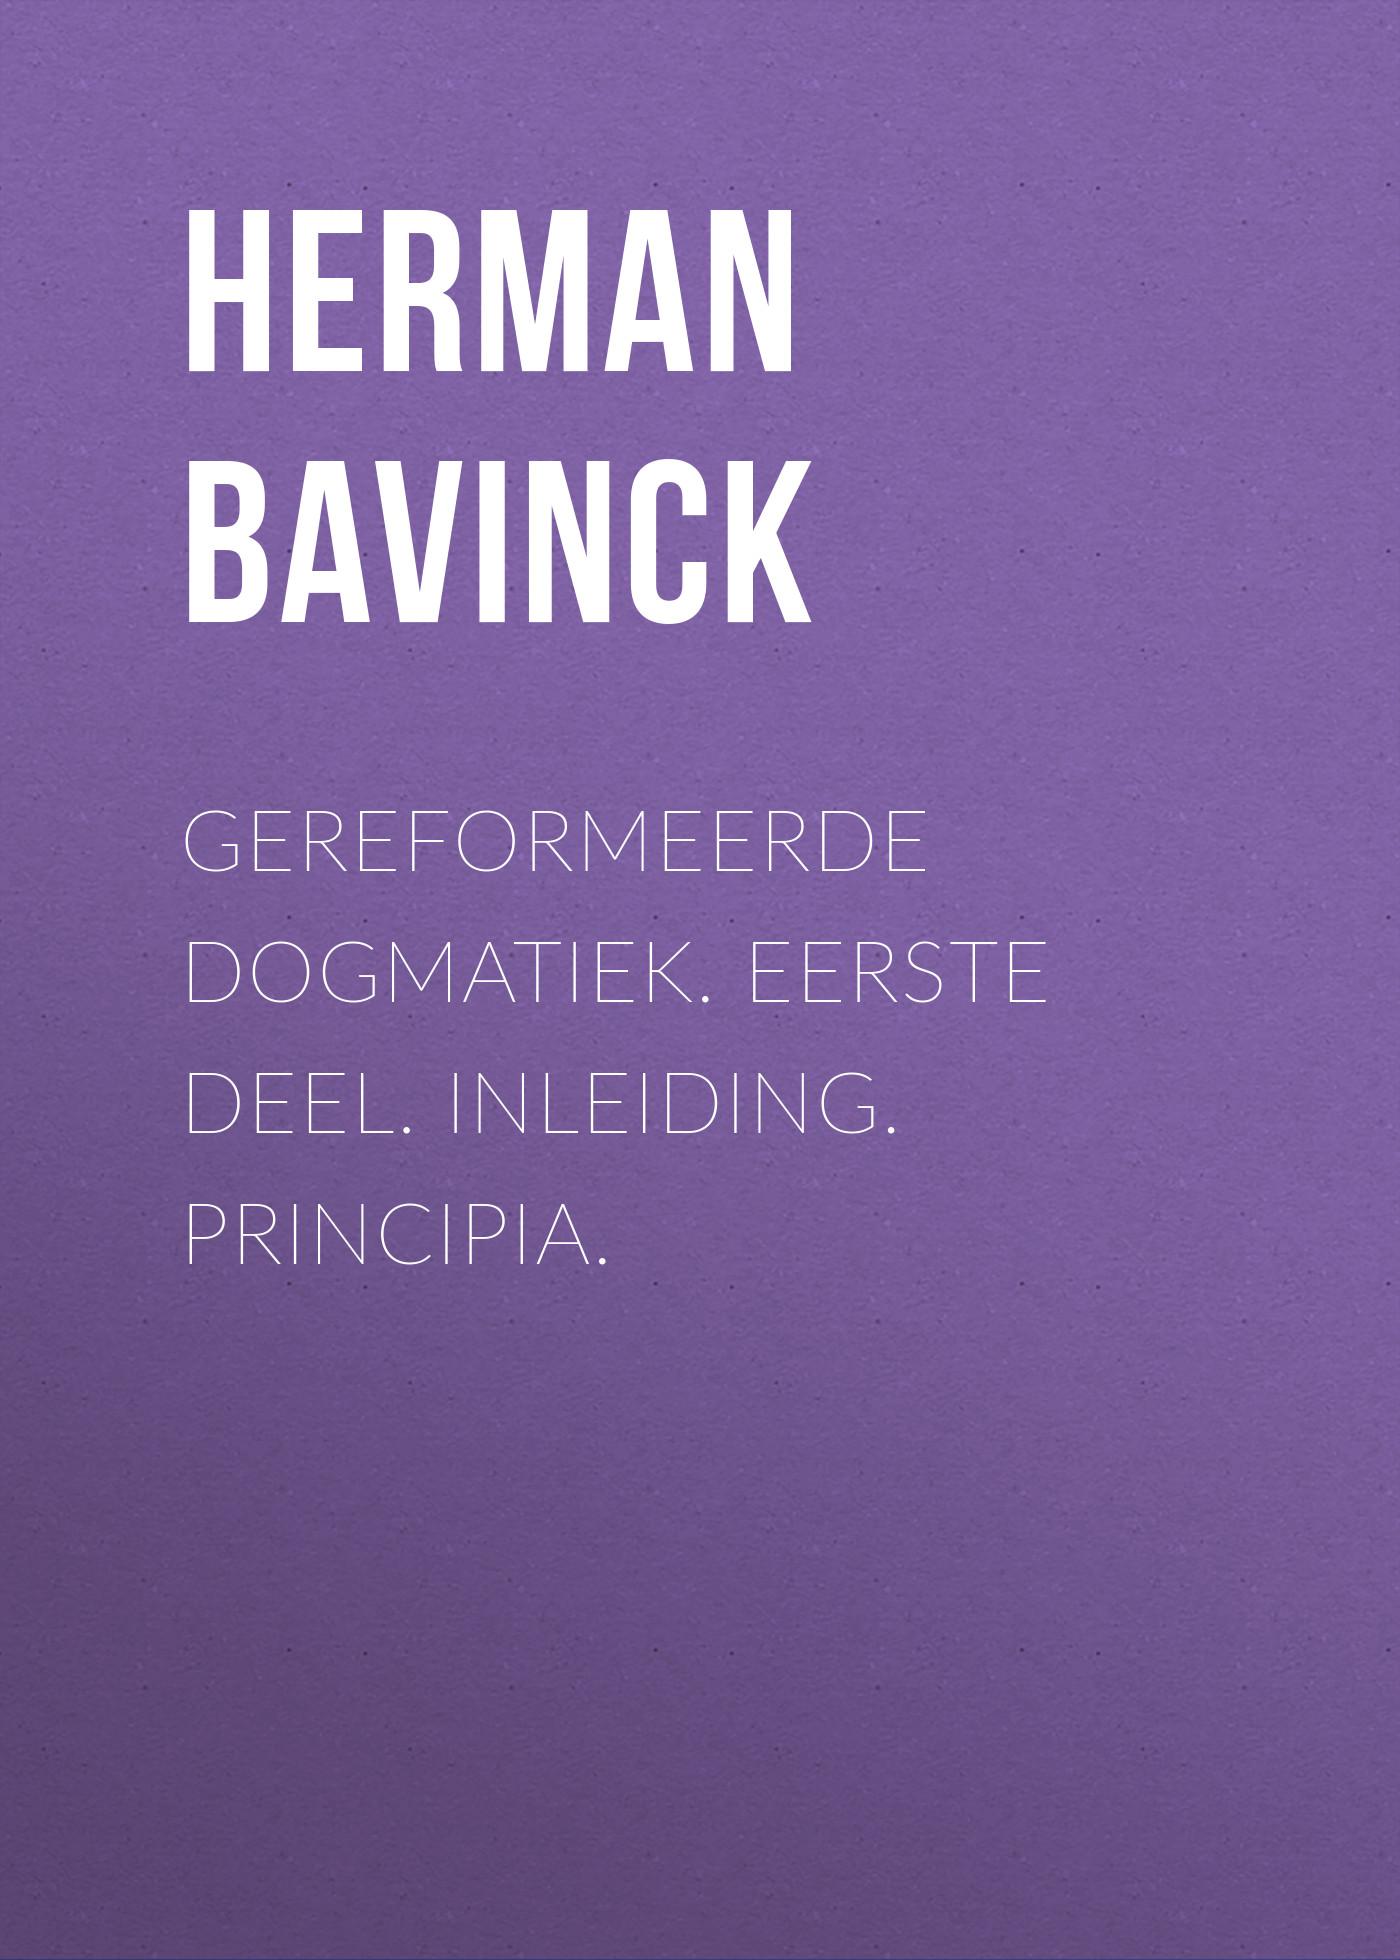 Herman Bavinck Gereformeerde dogmatiek. Eerste deel. Inleiding. Principia. quik lok s198 1 bk